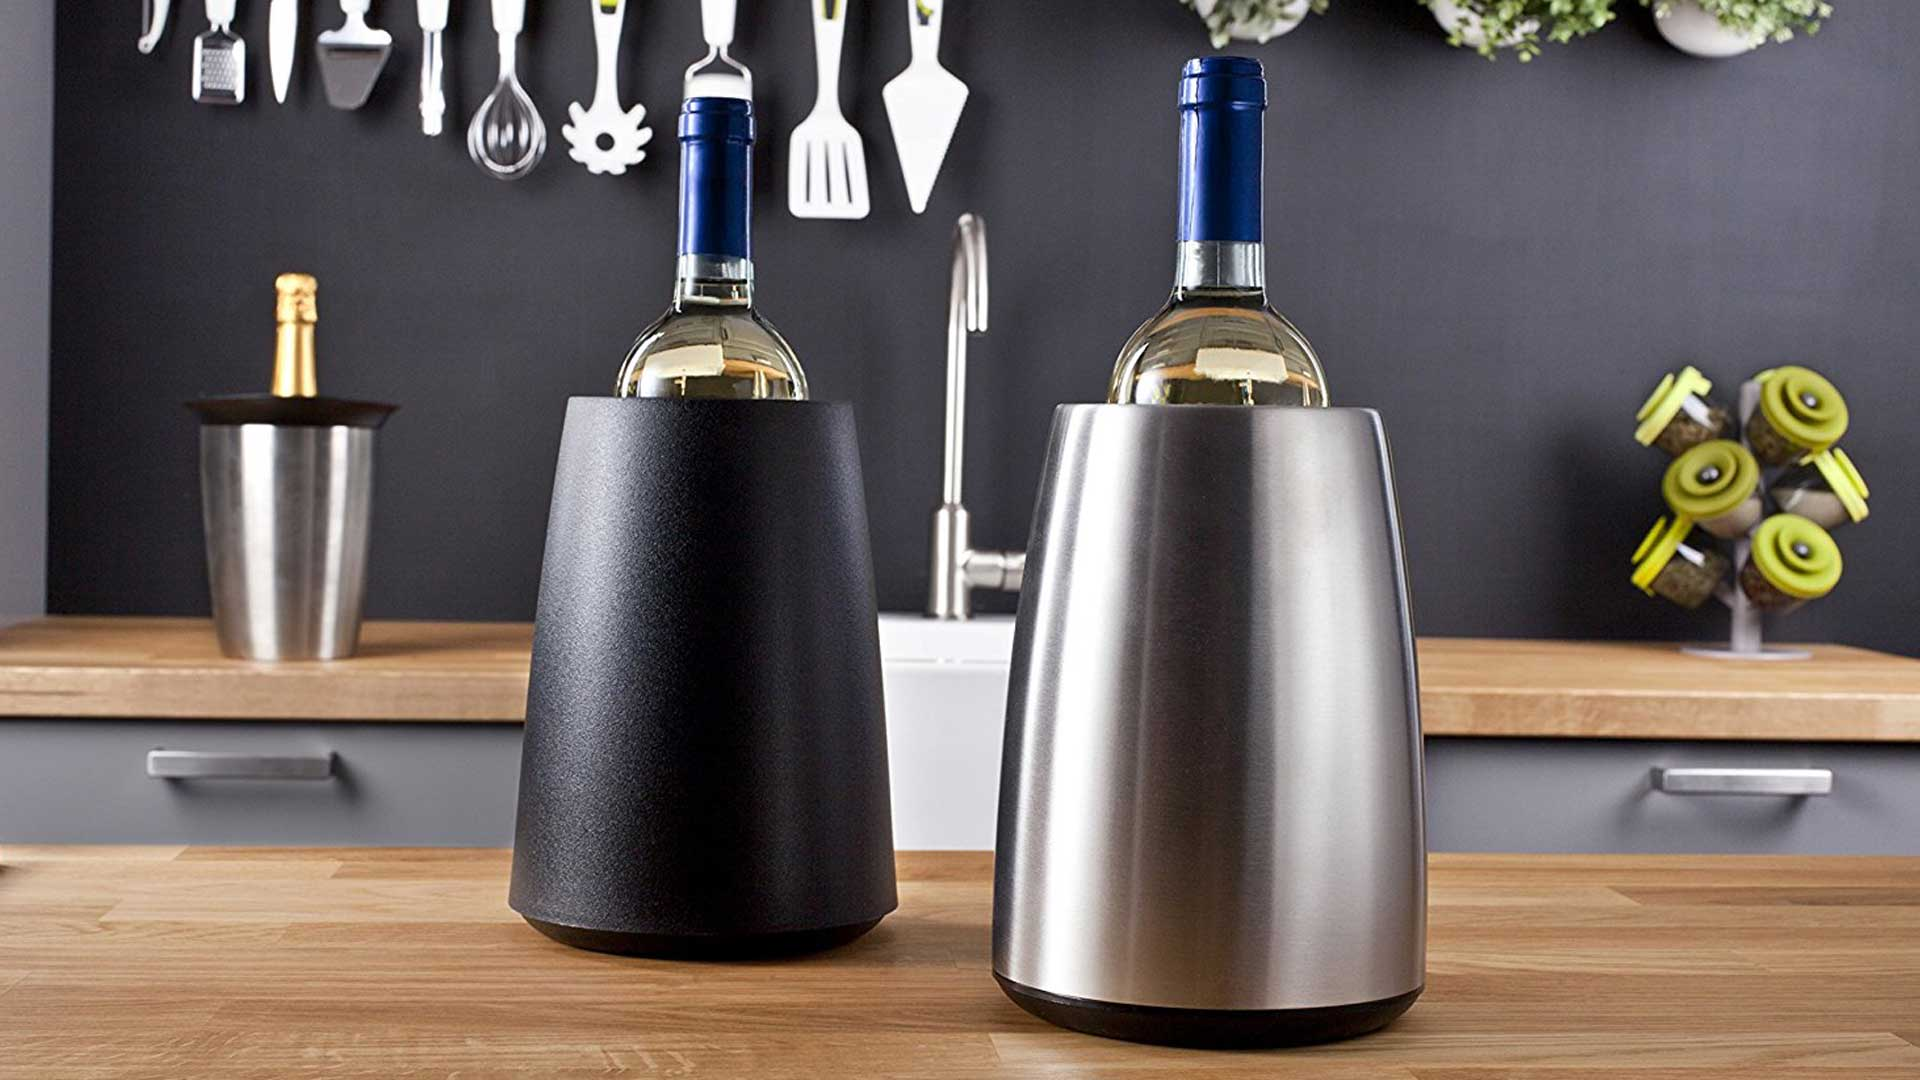 Macht eine gute Figur und kühlt: Vacu Vin Weinkühler in Edelstahl- und Kunststoff-Variante. (Foto: Amazon)